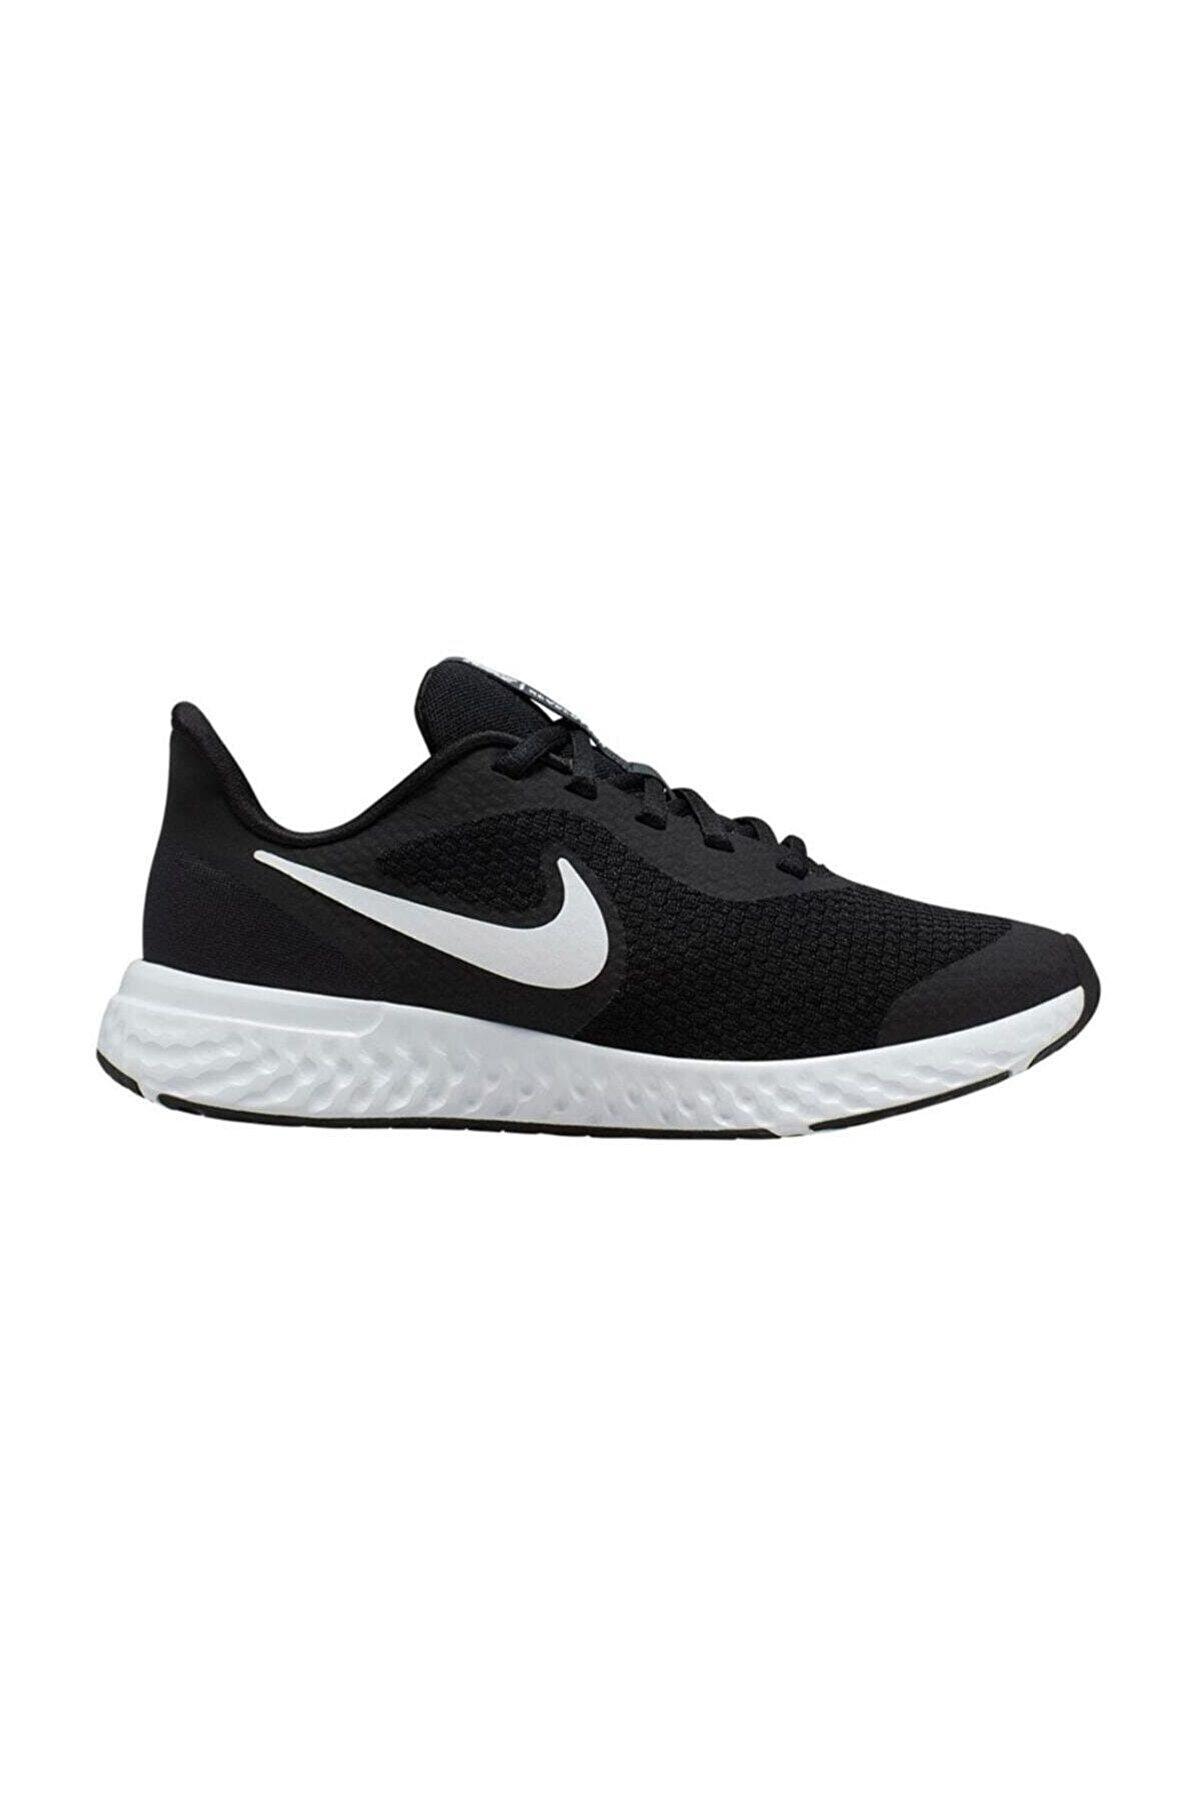 Nike Revolution 5 Kız Çocuk Siyah Bağçıklı Yürüyüş Ayakkabısı